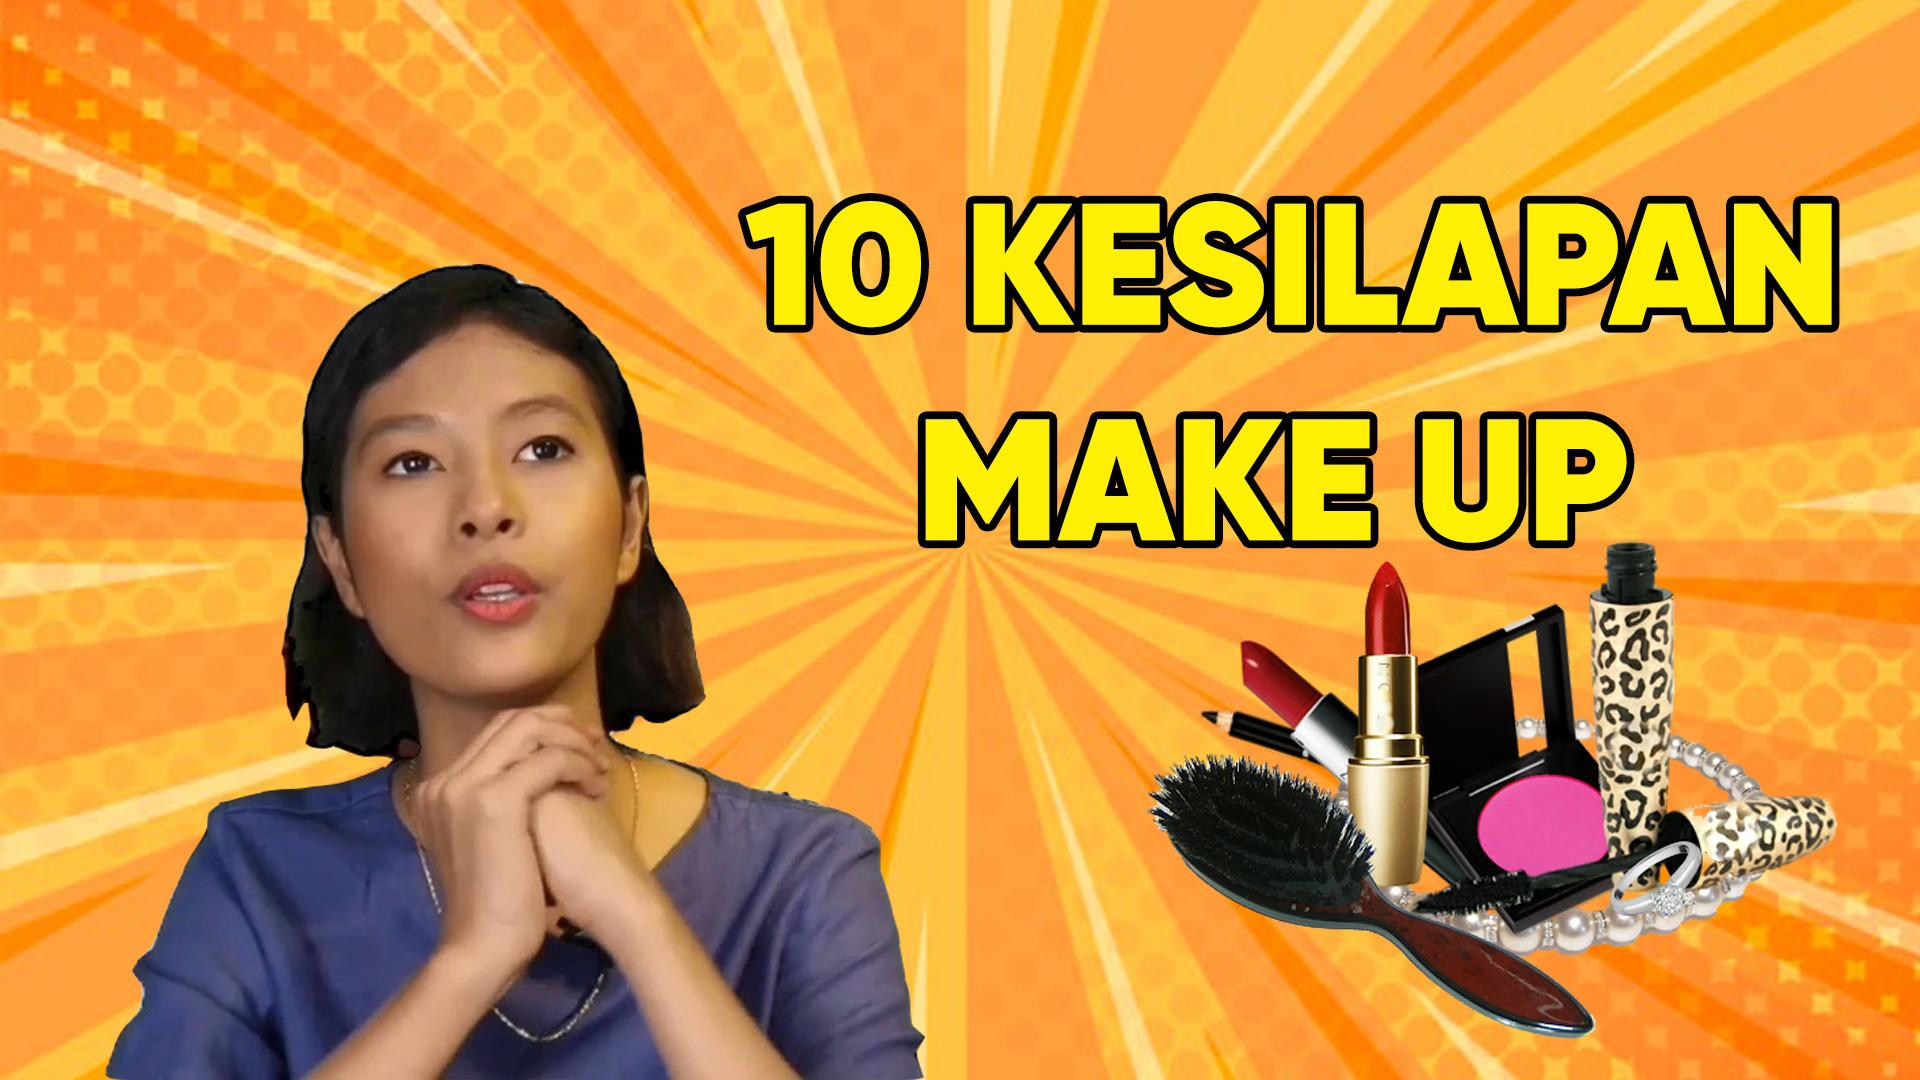 10 Kesilapan Orang Selalu Buat Bila Make Up